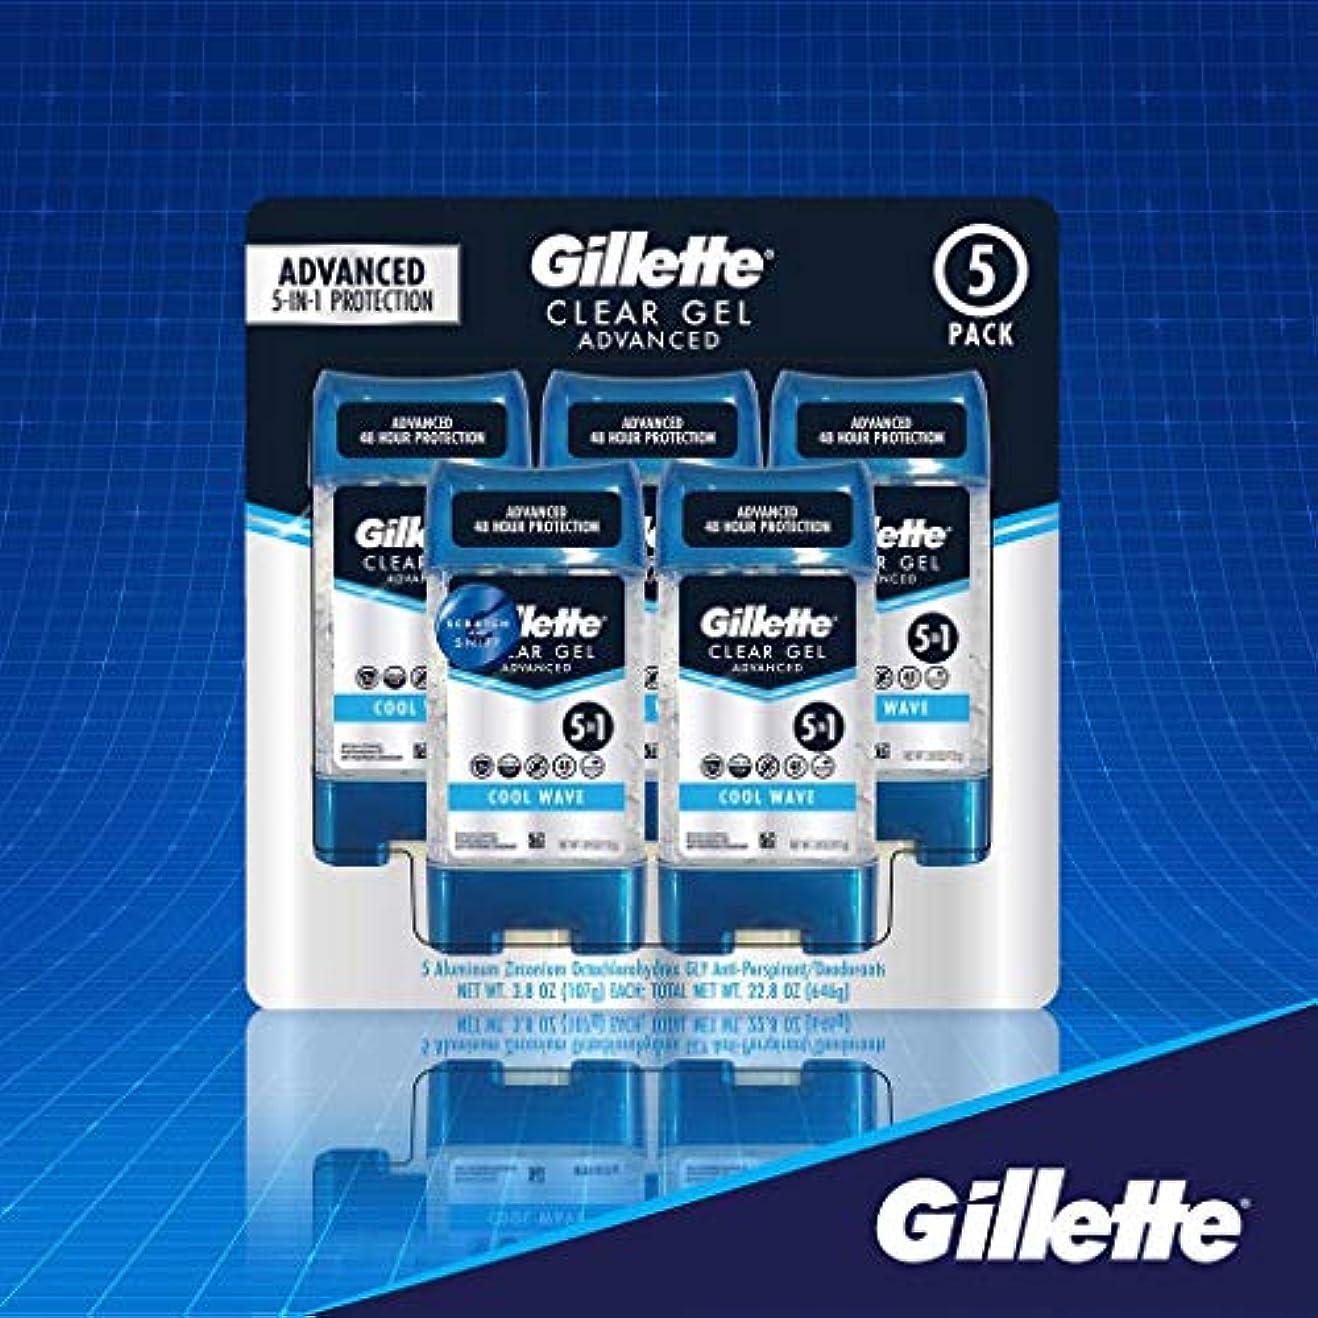 遠い監査一生Gillette ジレット クリアージェル ( クールウェイブ )デオドラント 5個 [並行輸入品]